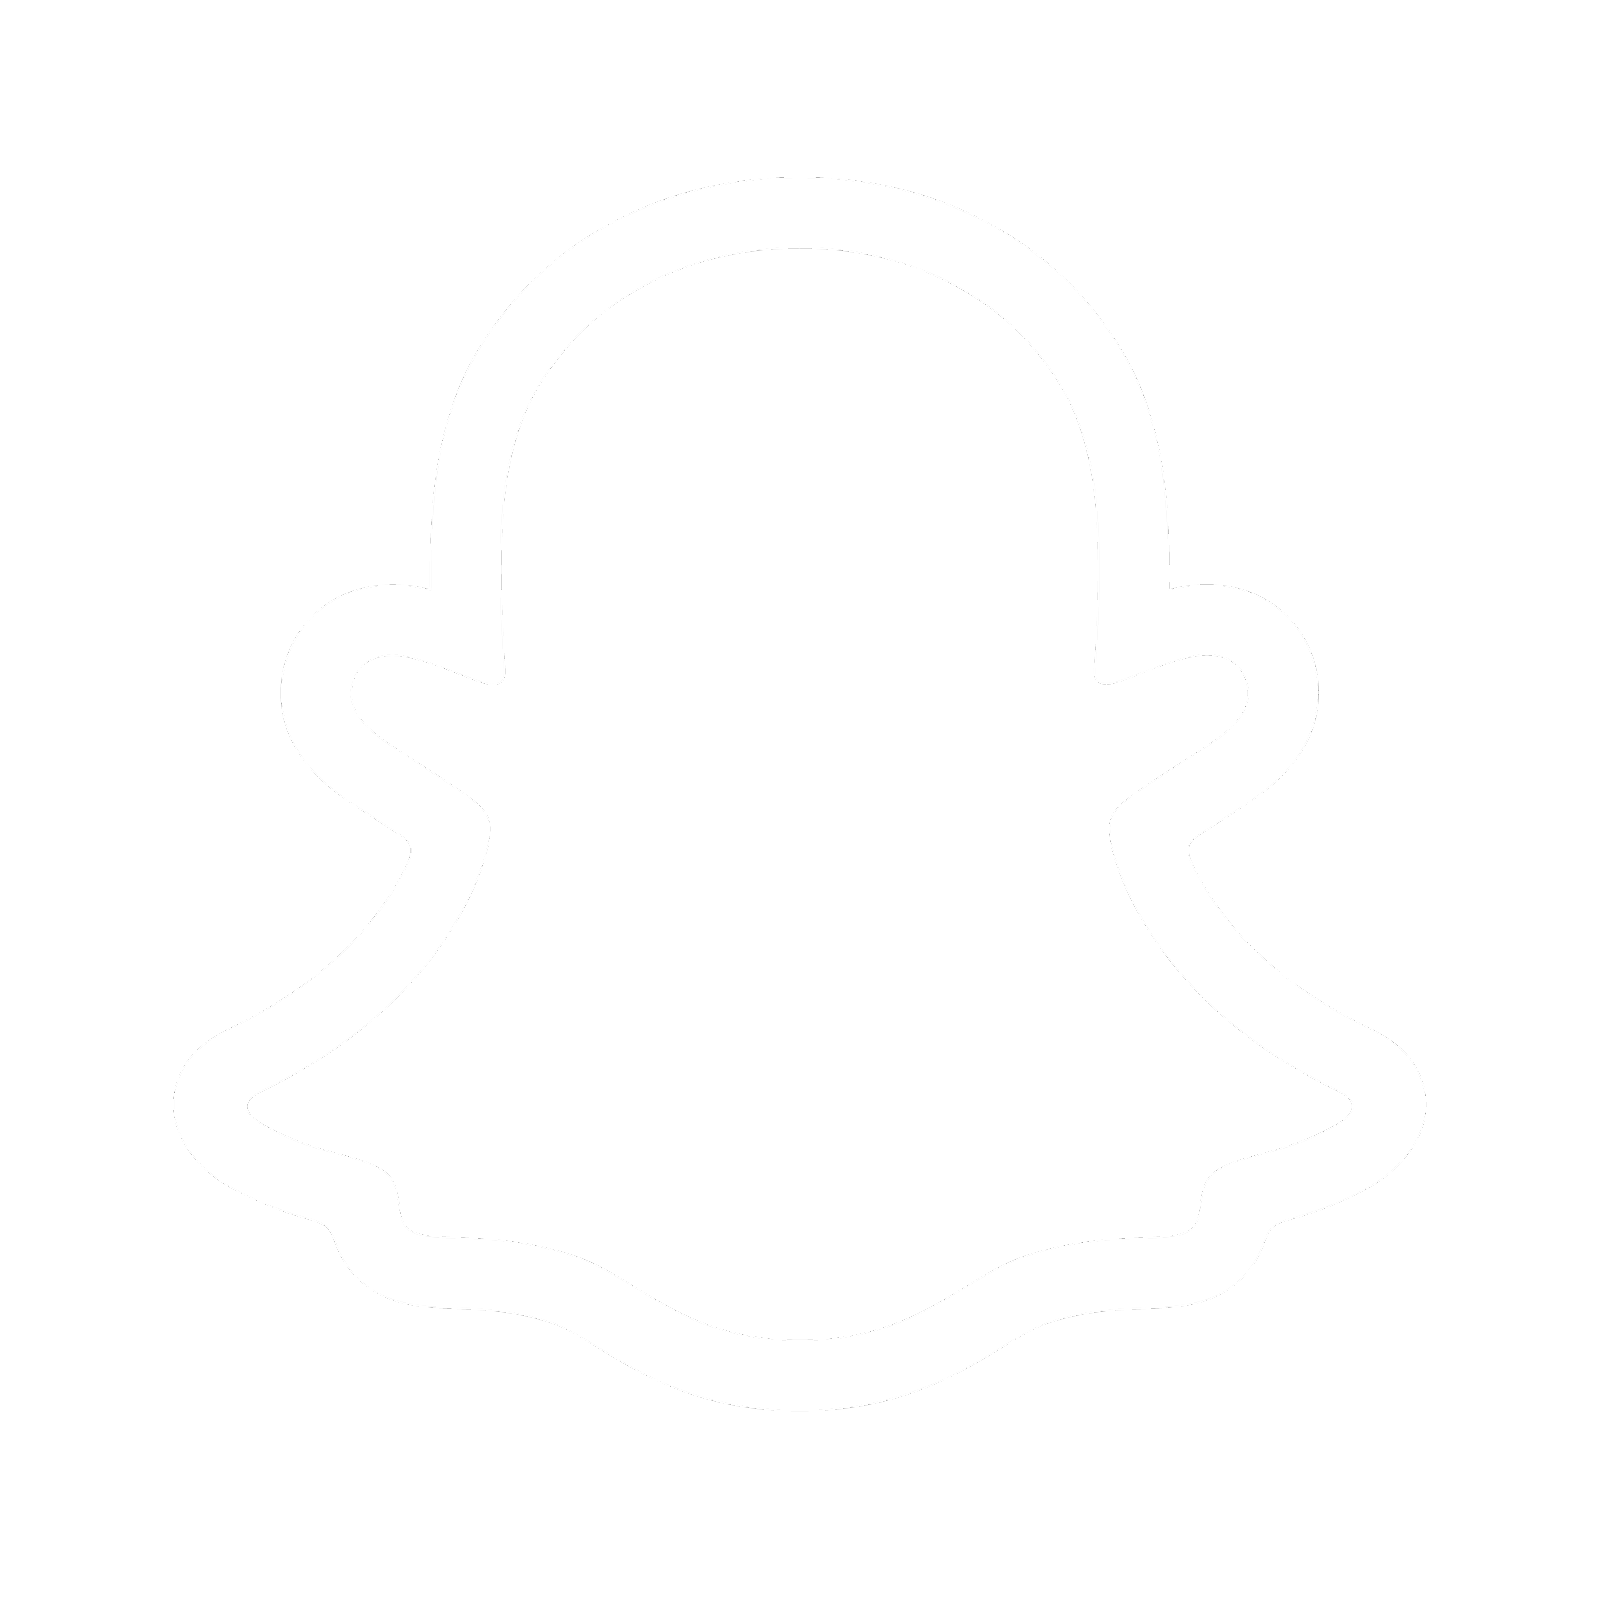 Studio O'Brady on Snapchat